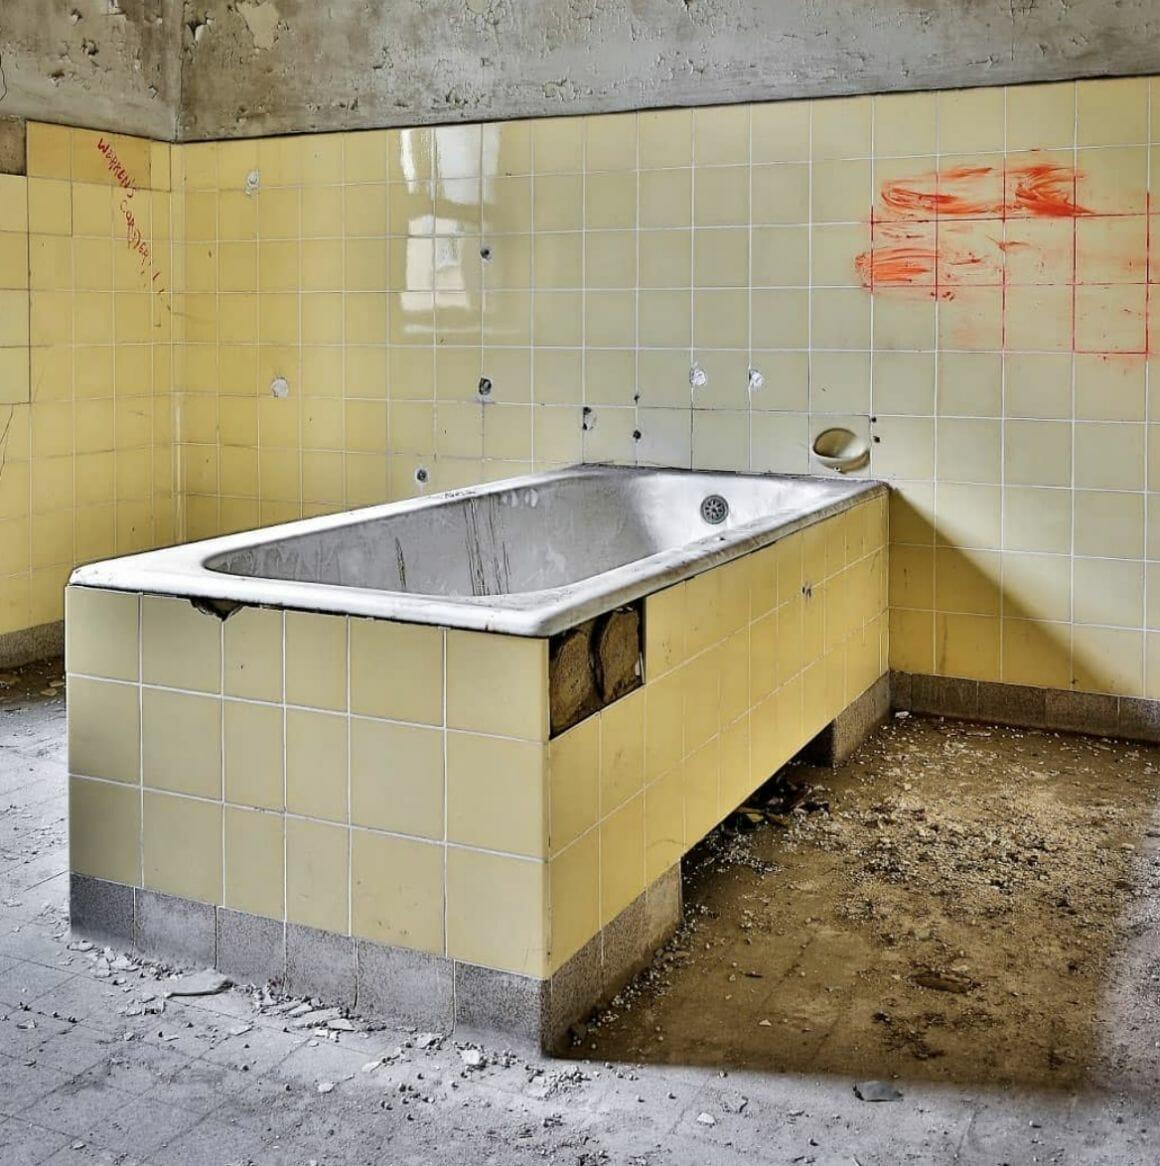 photographie d'un bain prise par revierstrolch